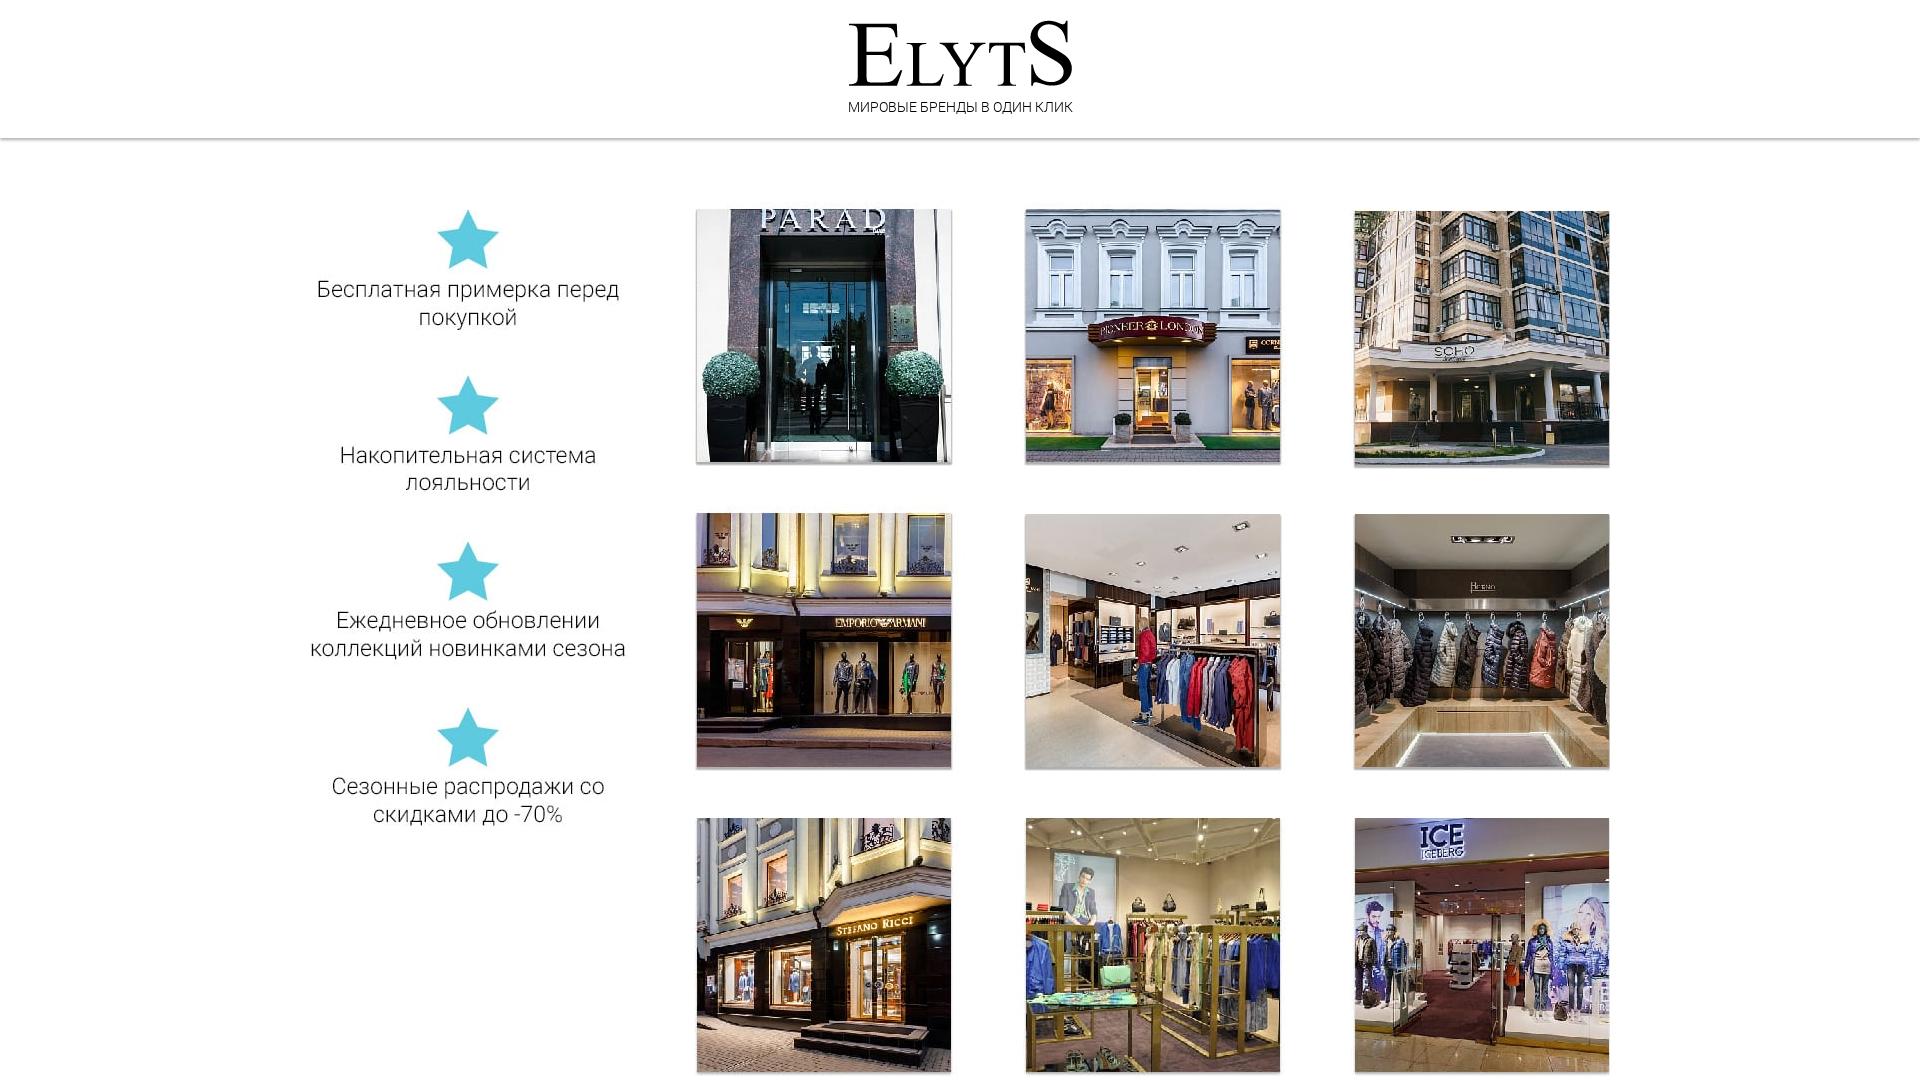 Elyts website